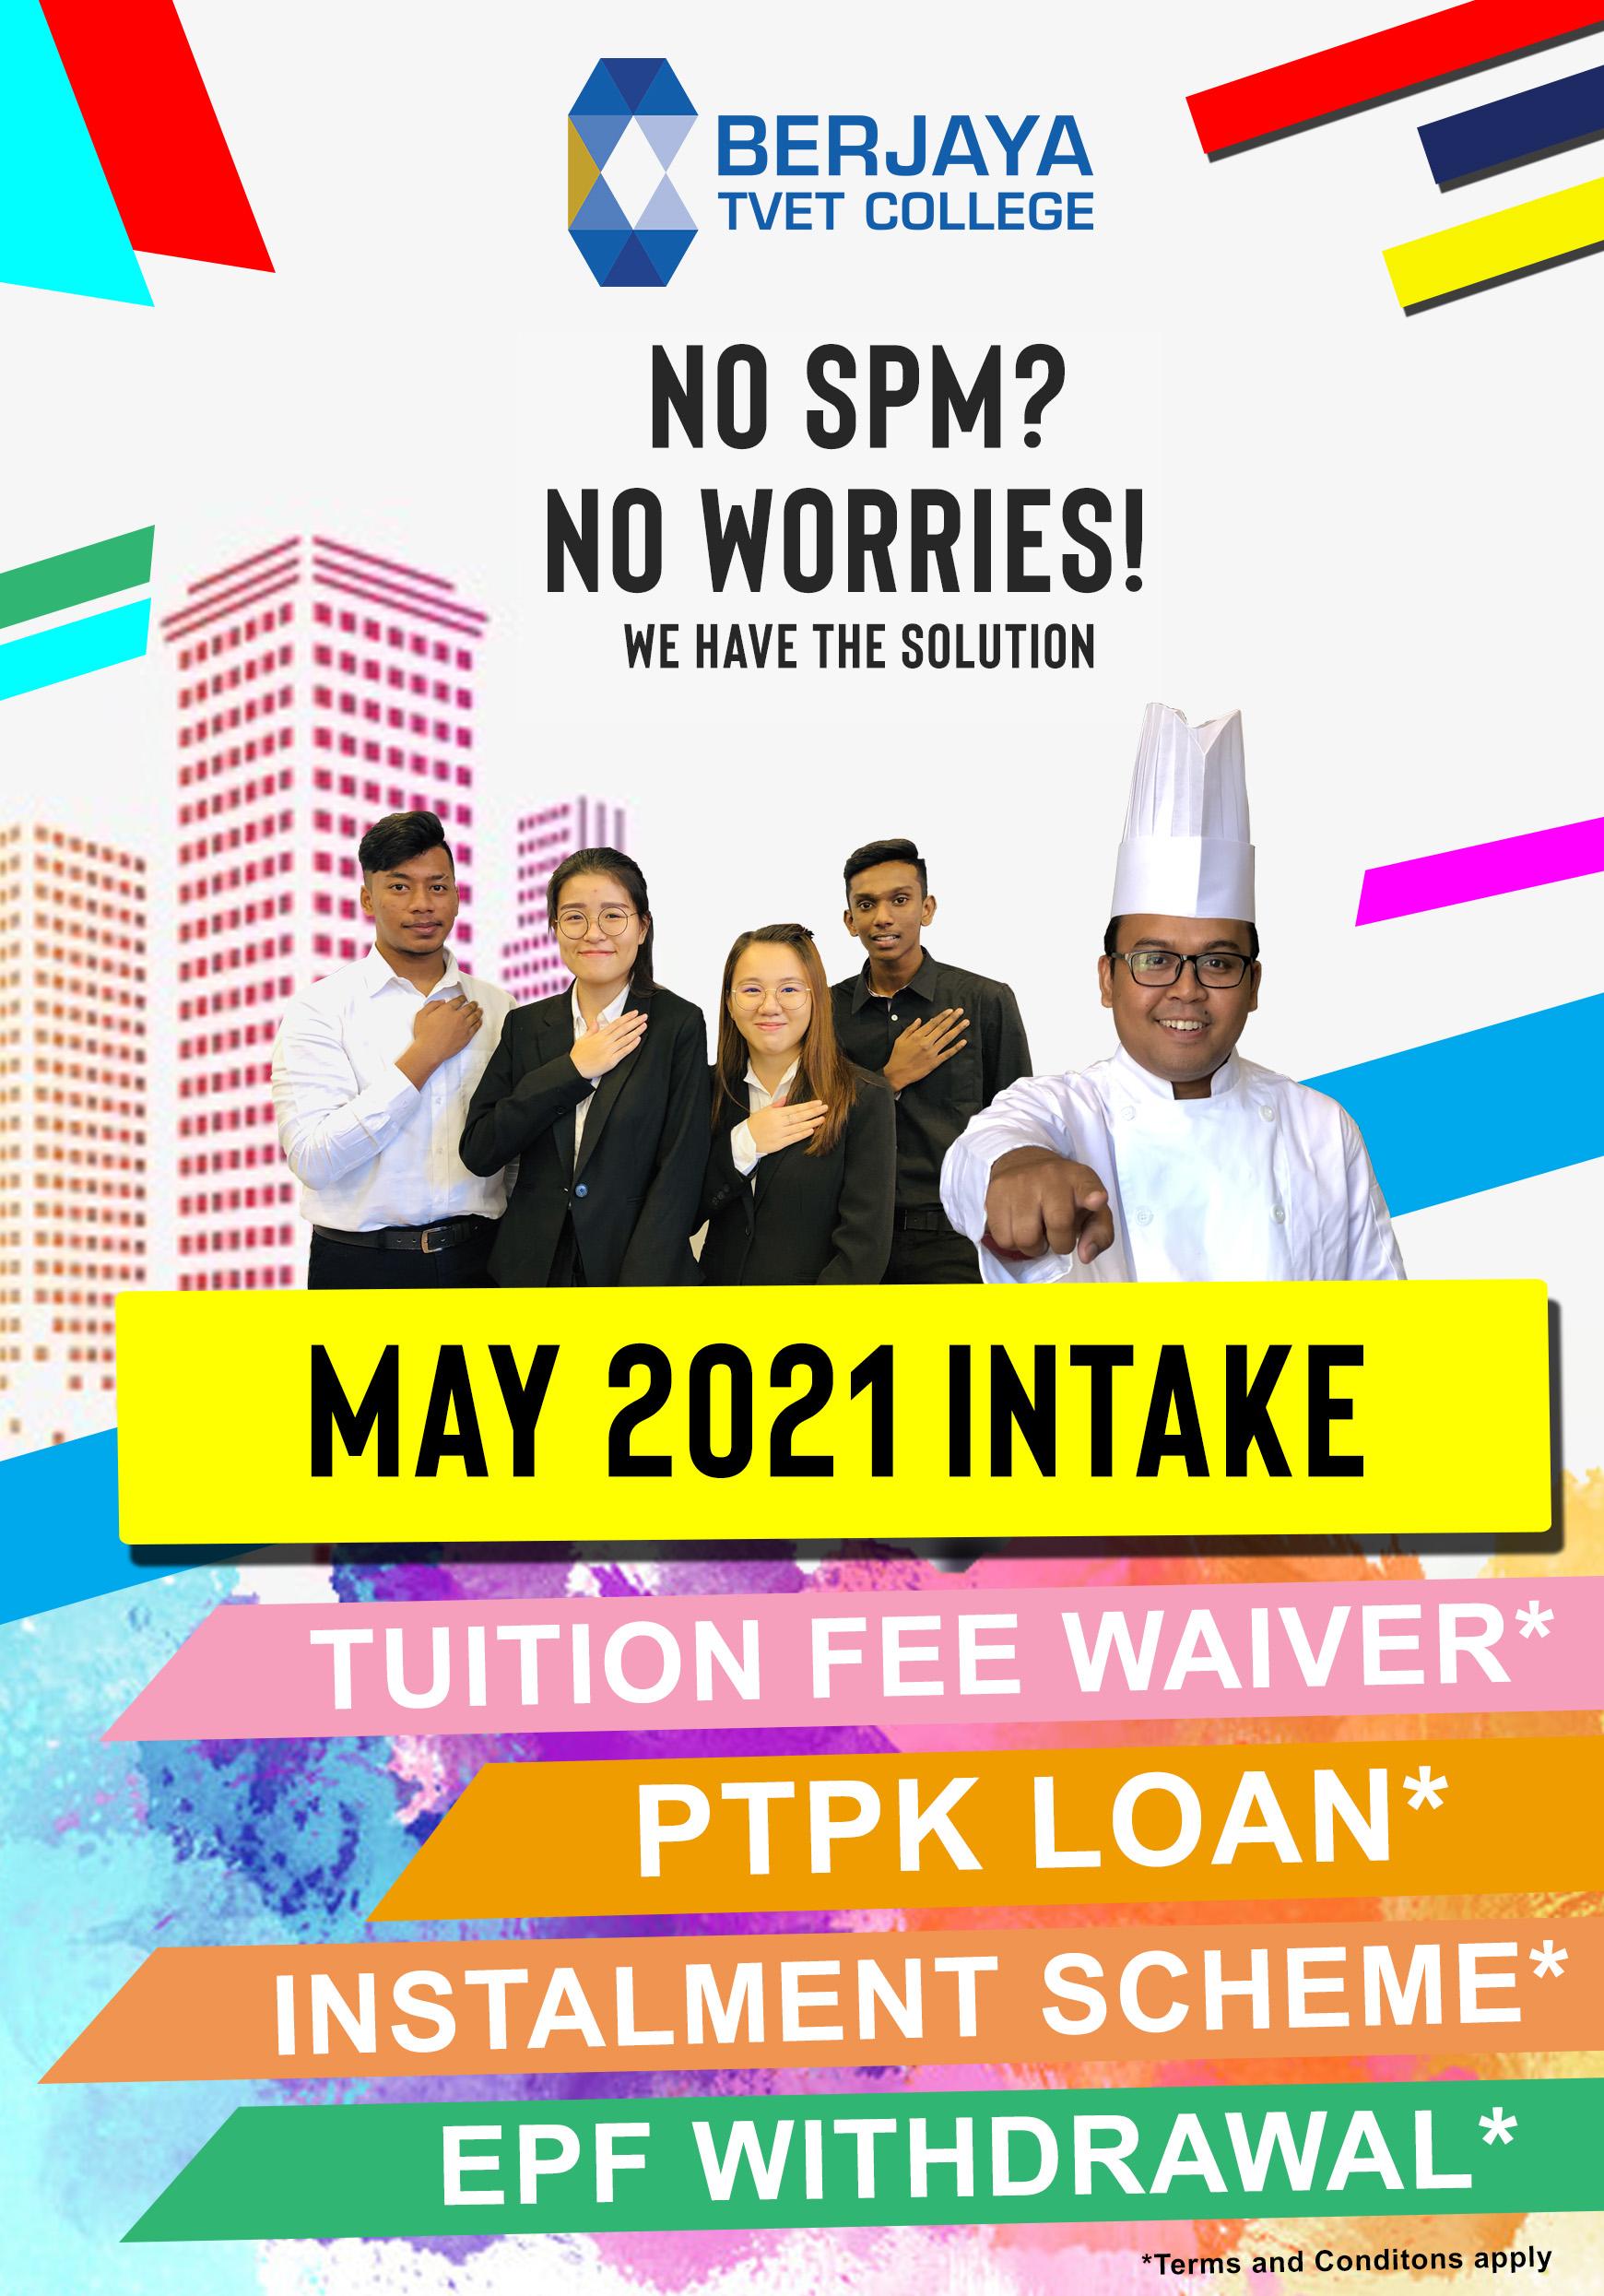 may intake 2021 no spm